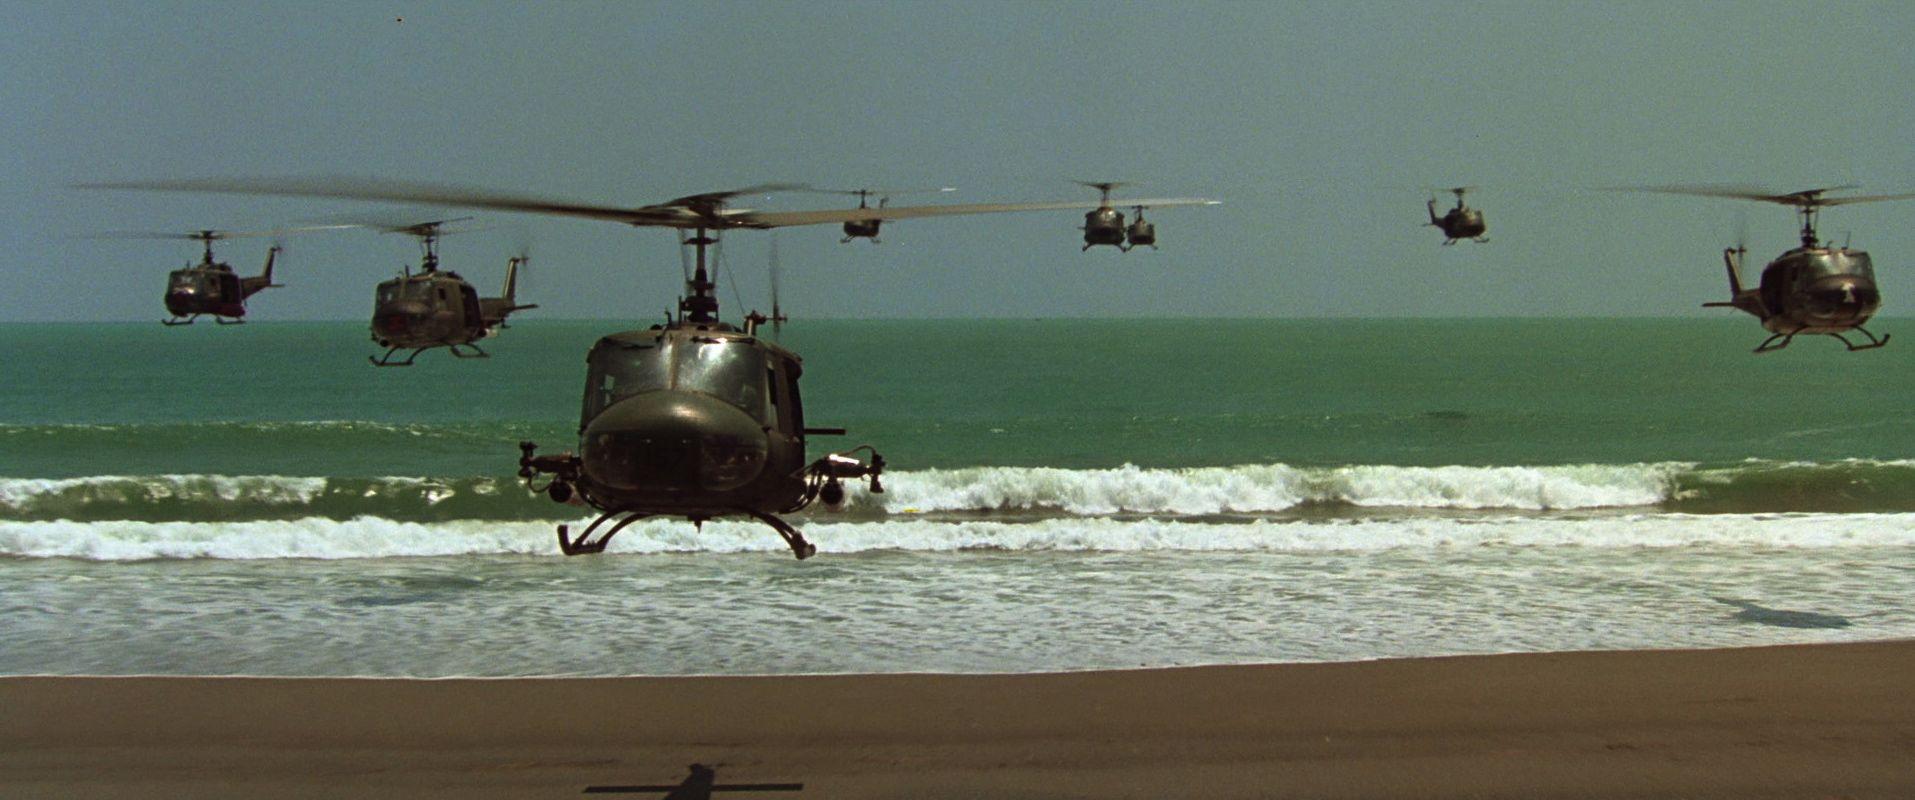 ApocalypseNowHelicoptersBaja